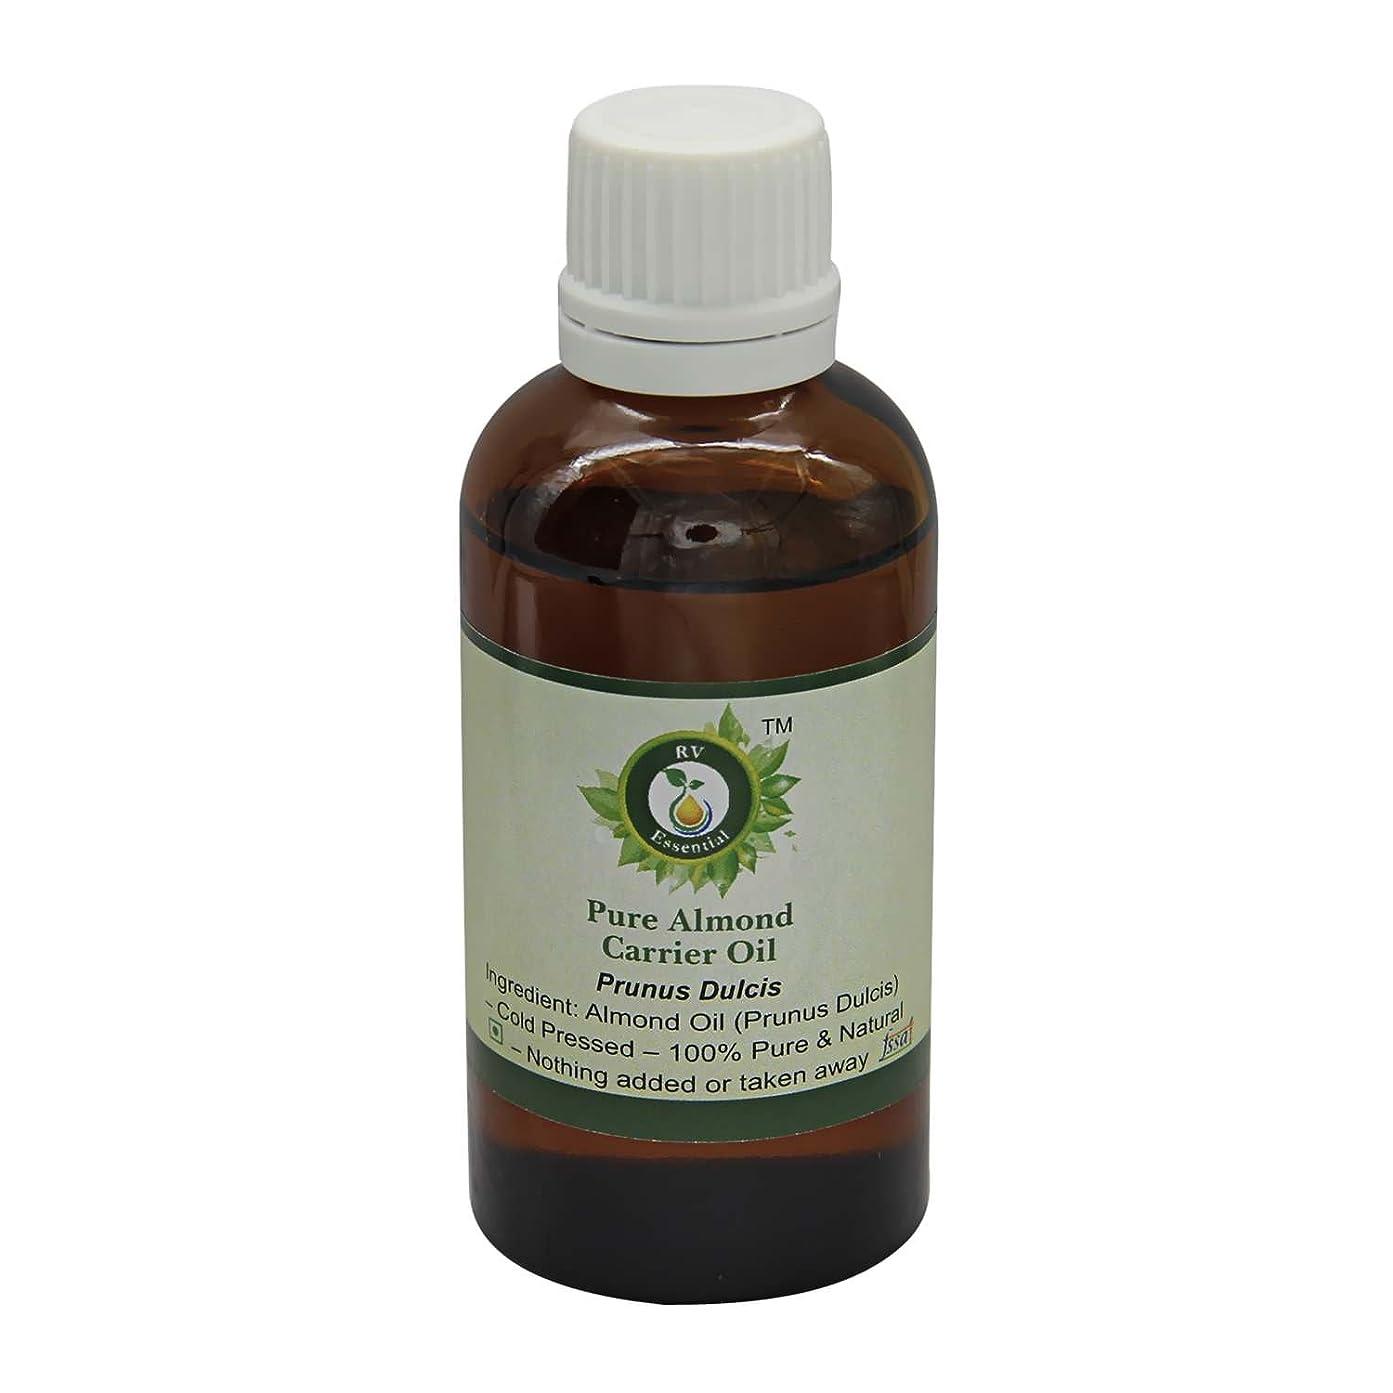 悲劇麻酔薬ラボR V Essential 純粋なアーモンドキャリアオイル50ml (1.69oz)- Prunus Dulcis (100%ピュア&ナチュラルコールドPressed) Pure Almond Carrier Oil